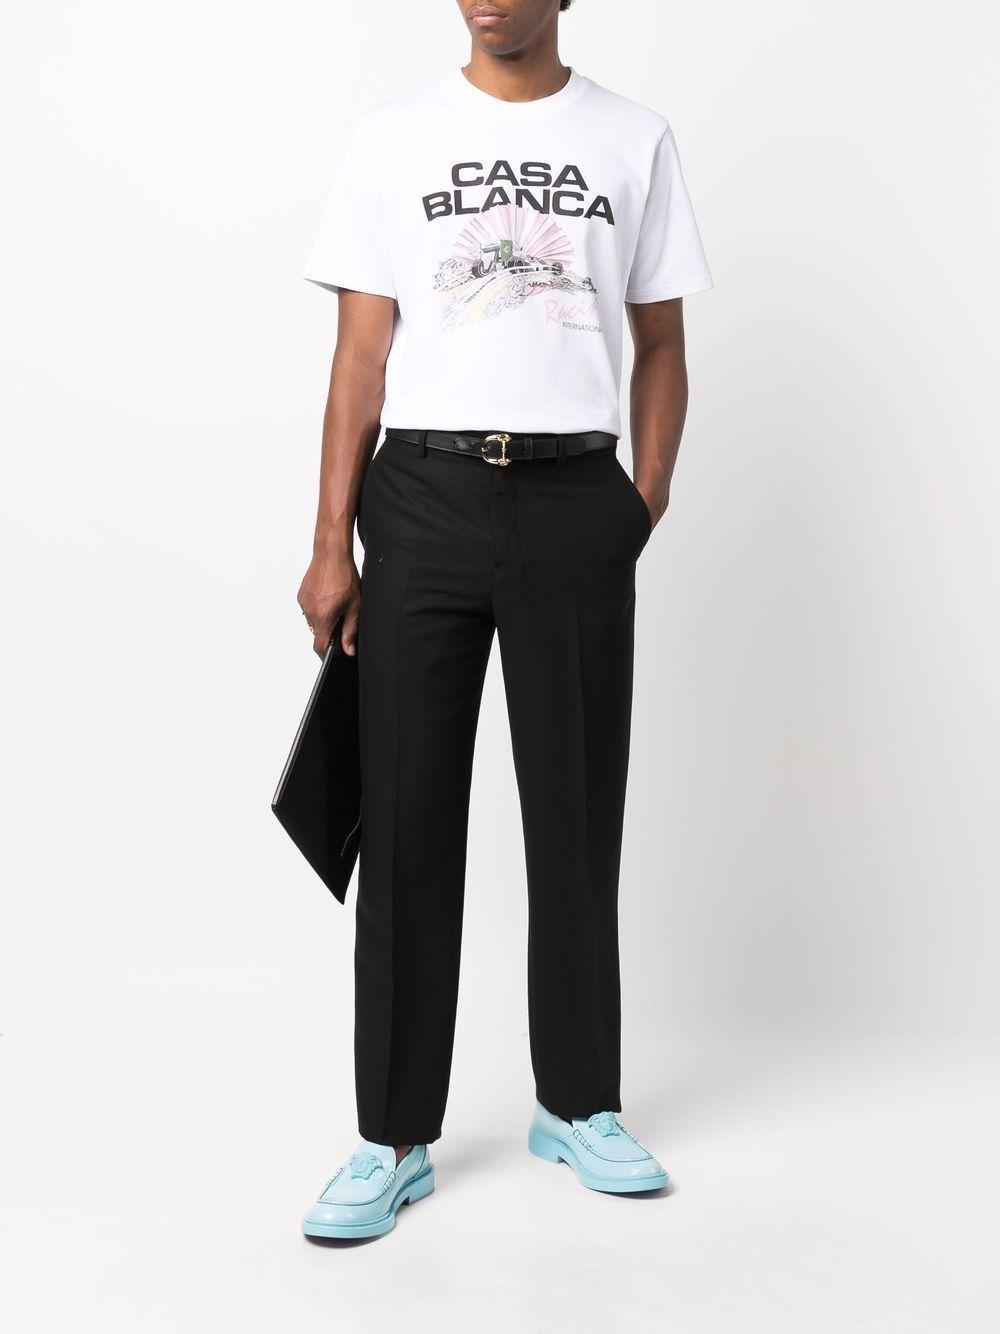 t-shirt racing shell uomo bianca in cotone CASABLANCA | T-shirt | MF21-TS-001WHITE RACING SHELL